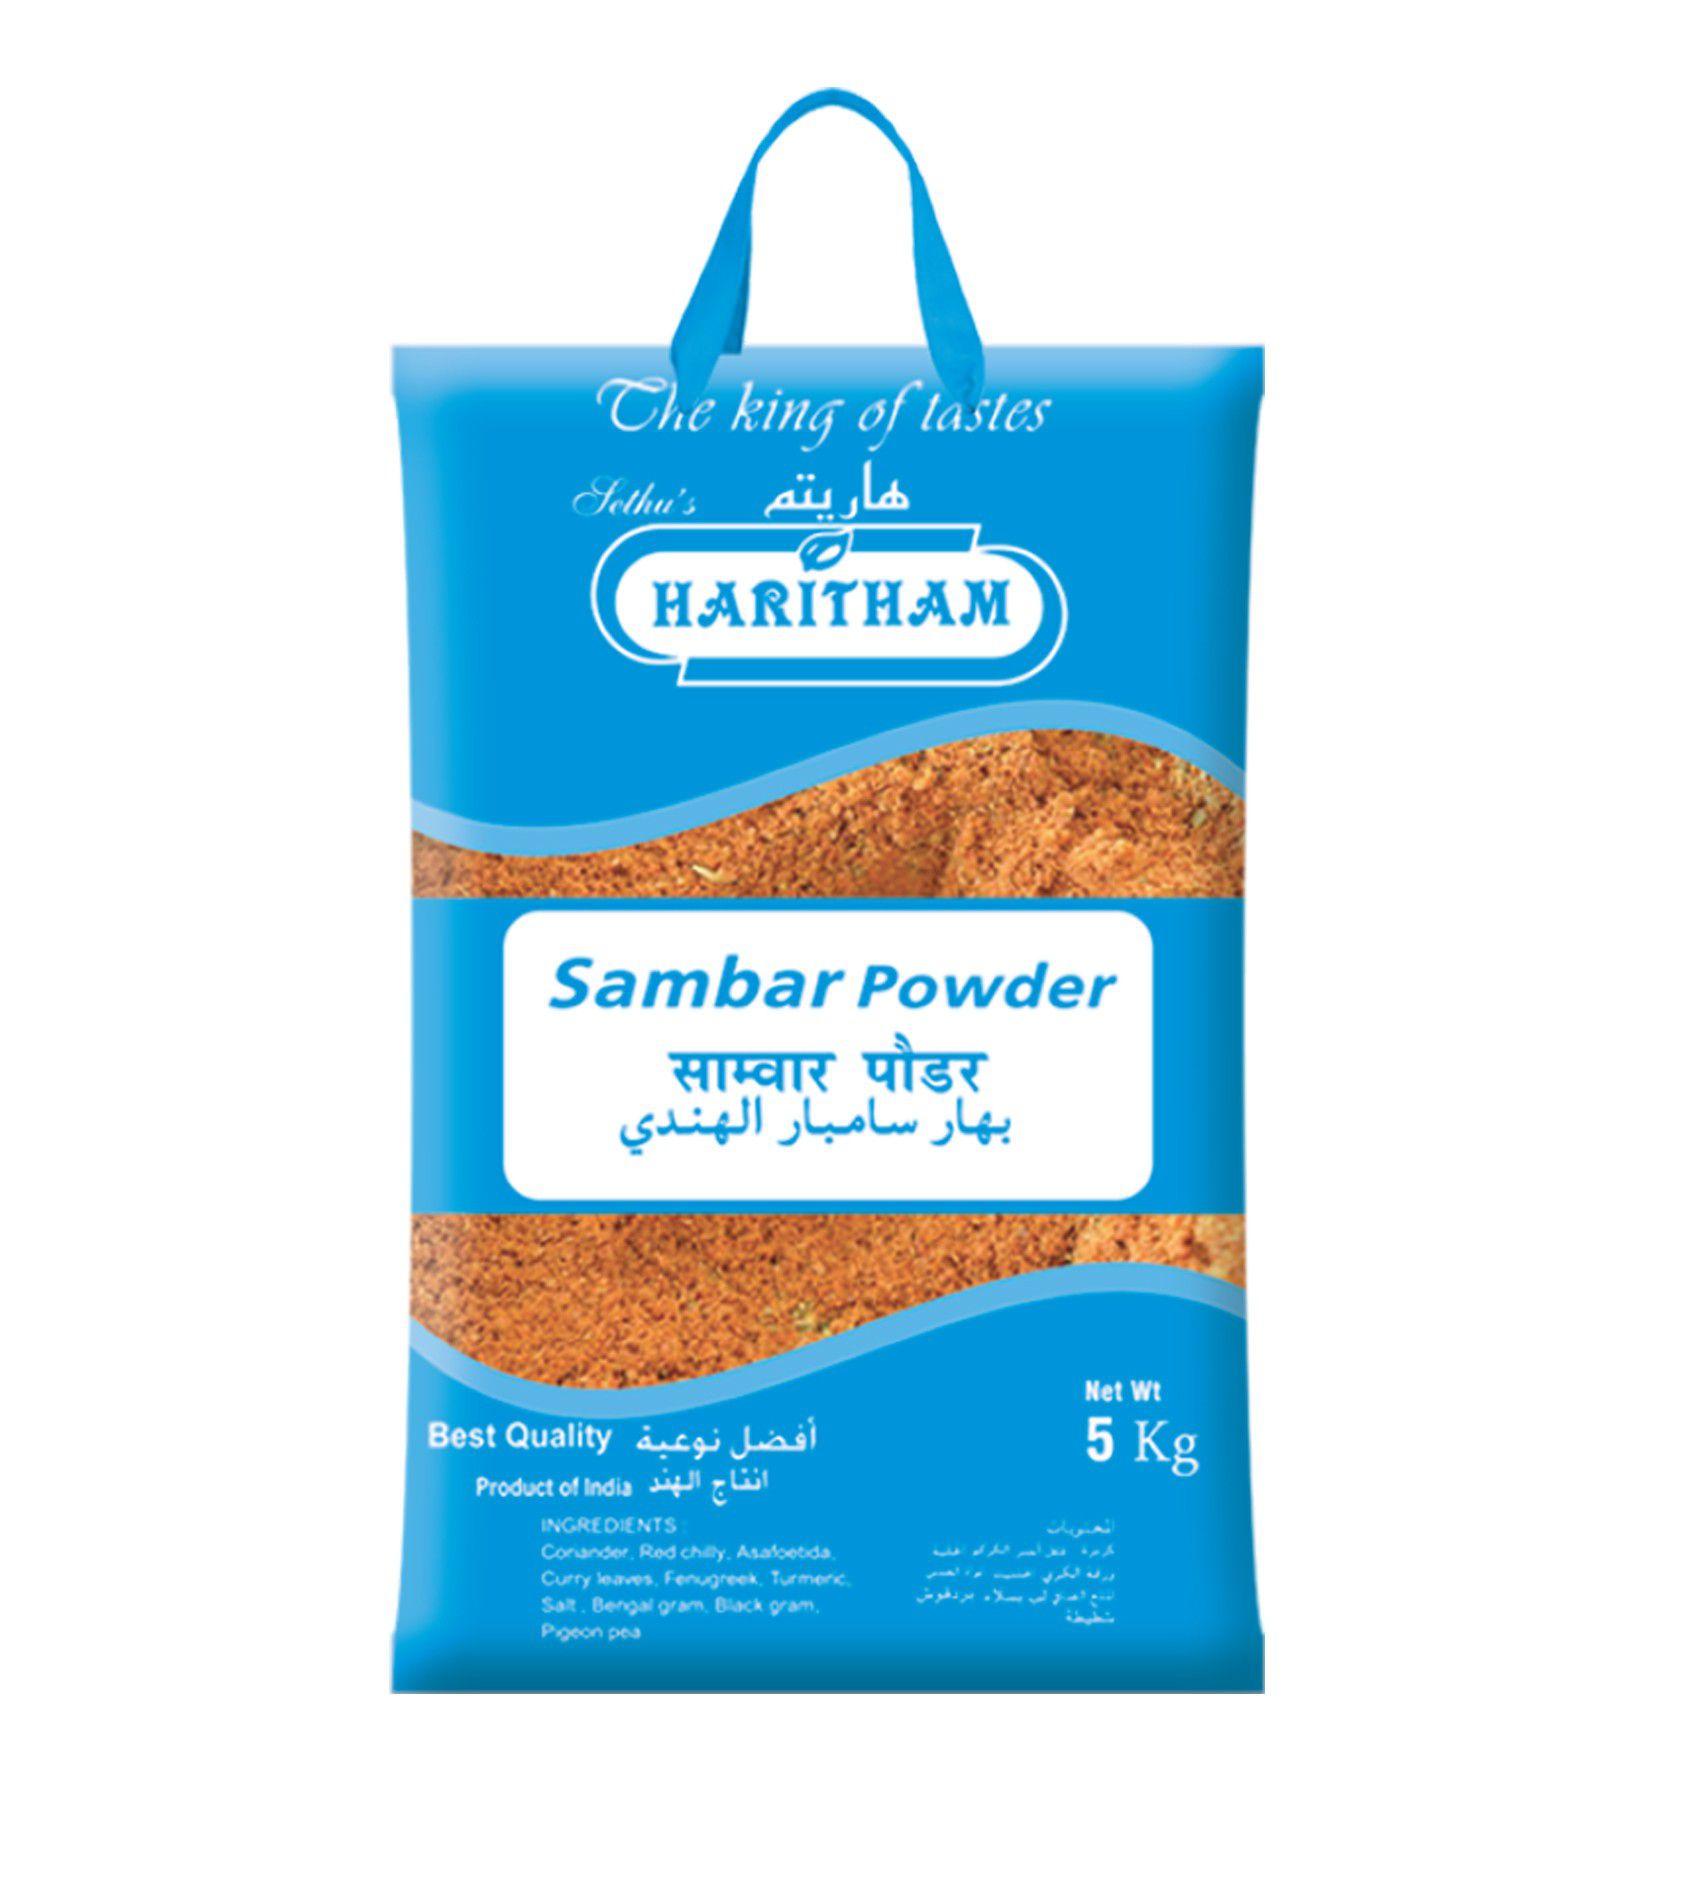 SAMBAR POWDER 5KG